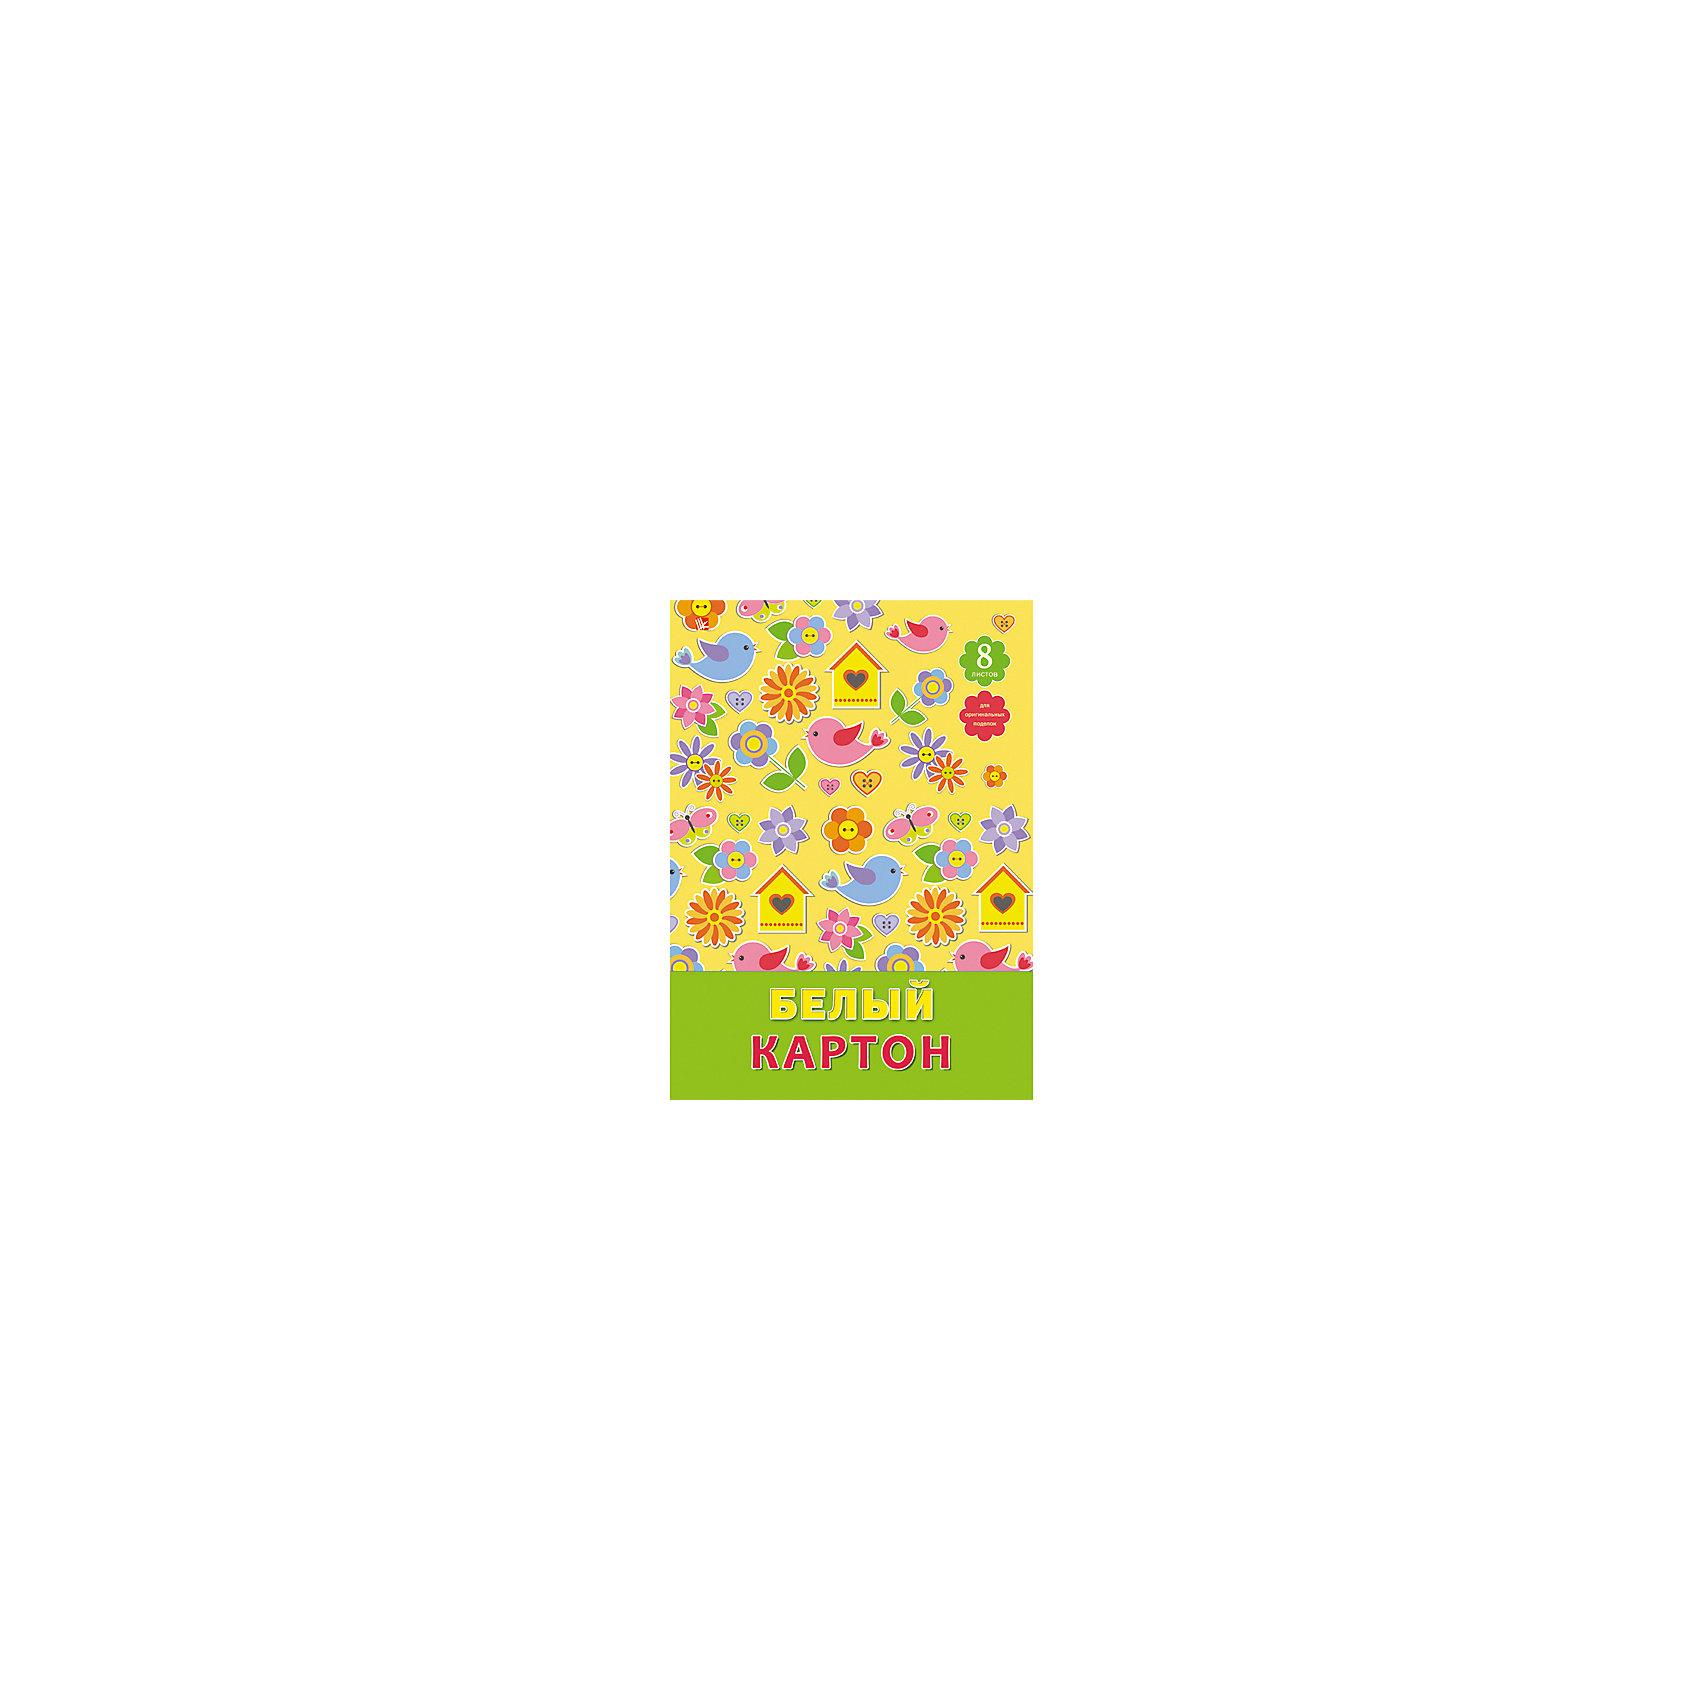 Белый картон Цветы и птицы,  А4, 8лБумажная продукция<br>Цветы и птицы - папка с качественным картоном белого цвета. Красочная обложка привлечет внимание и поможет создать самые интересные поделки.<br><br>Дополнительная информация:<br>Обложка: картон<br>Количество листов: 8<br>Формат: А4<br>Белый картон Цветы и птицы можно купить в нашем интернет-магазине.<br><br>Ширина мм: 280<br>Глубина мм: 200<br>Высота мм: 6<br>Вес г: 240<br>Возраст от месяцев: 72<br>Возраст до месяцев: 2147483647<br>Пол: Унисекс<br>Возраст: Детский<br>SKU: 4942465